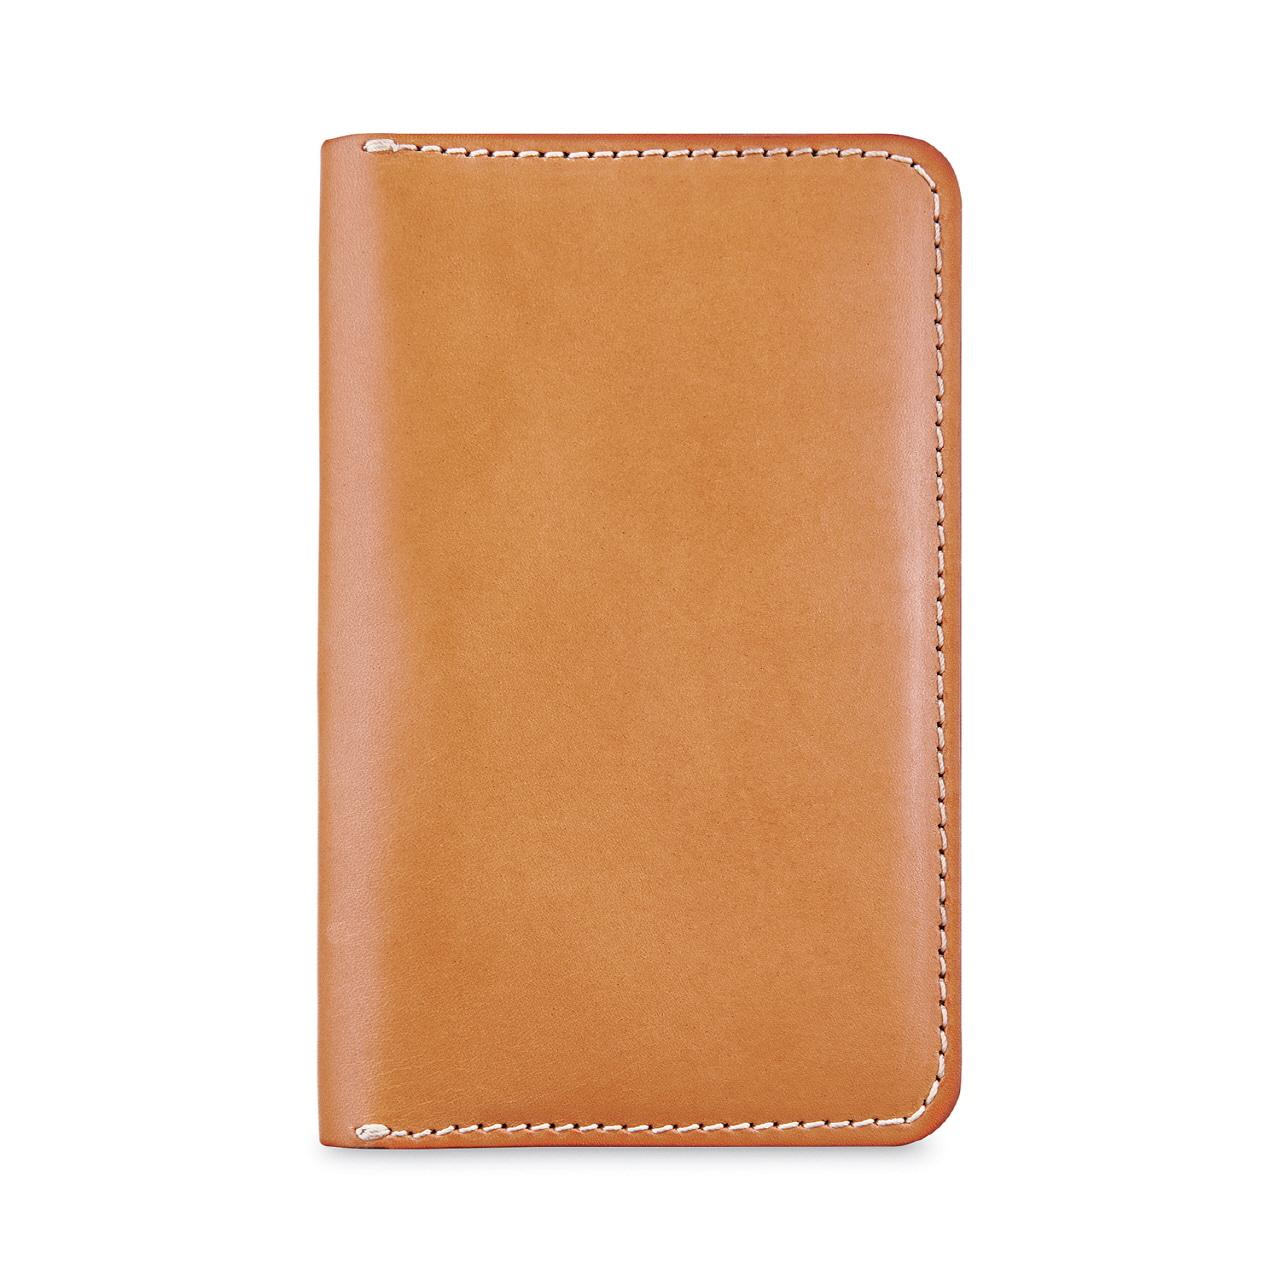 패스포트 지갑 95028 - 내추럴 베지터블 탄